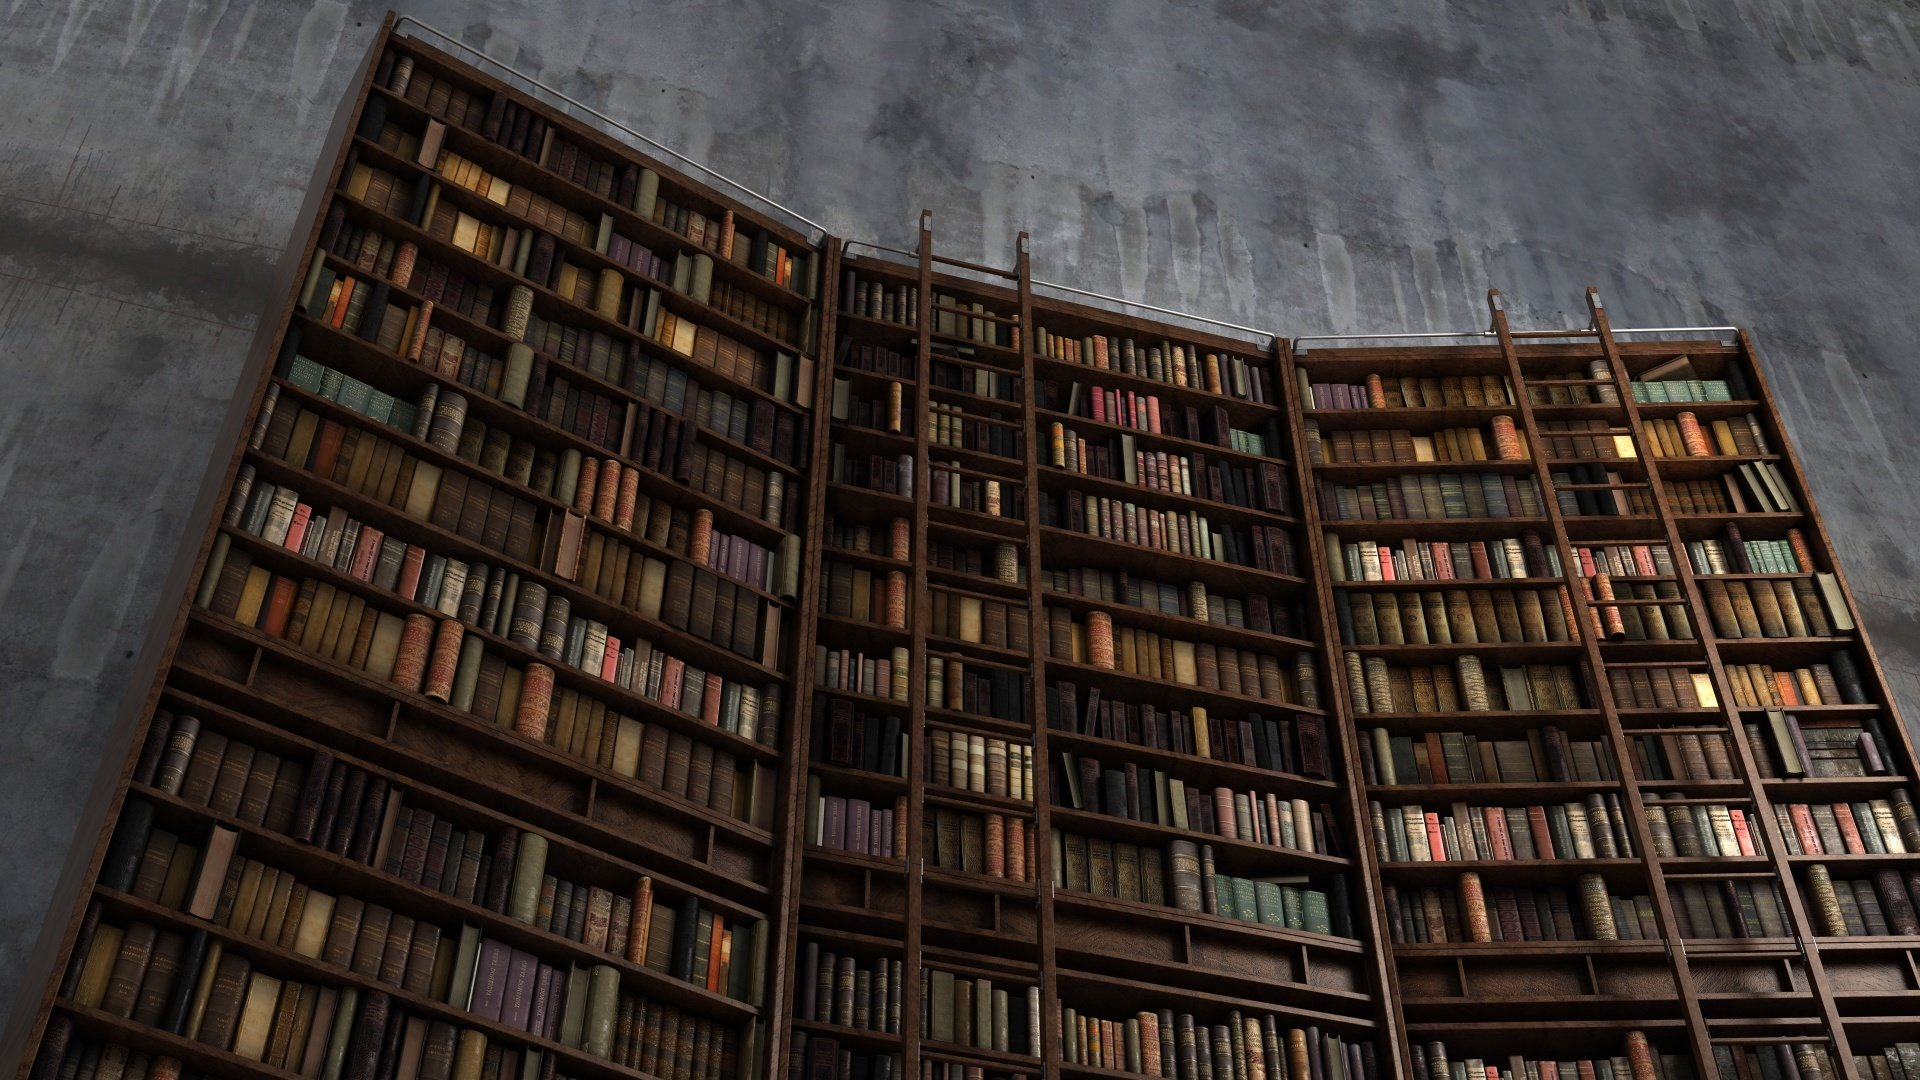 Vladislav ociacia librery ewwwwwww 3 1